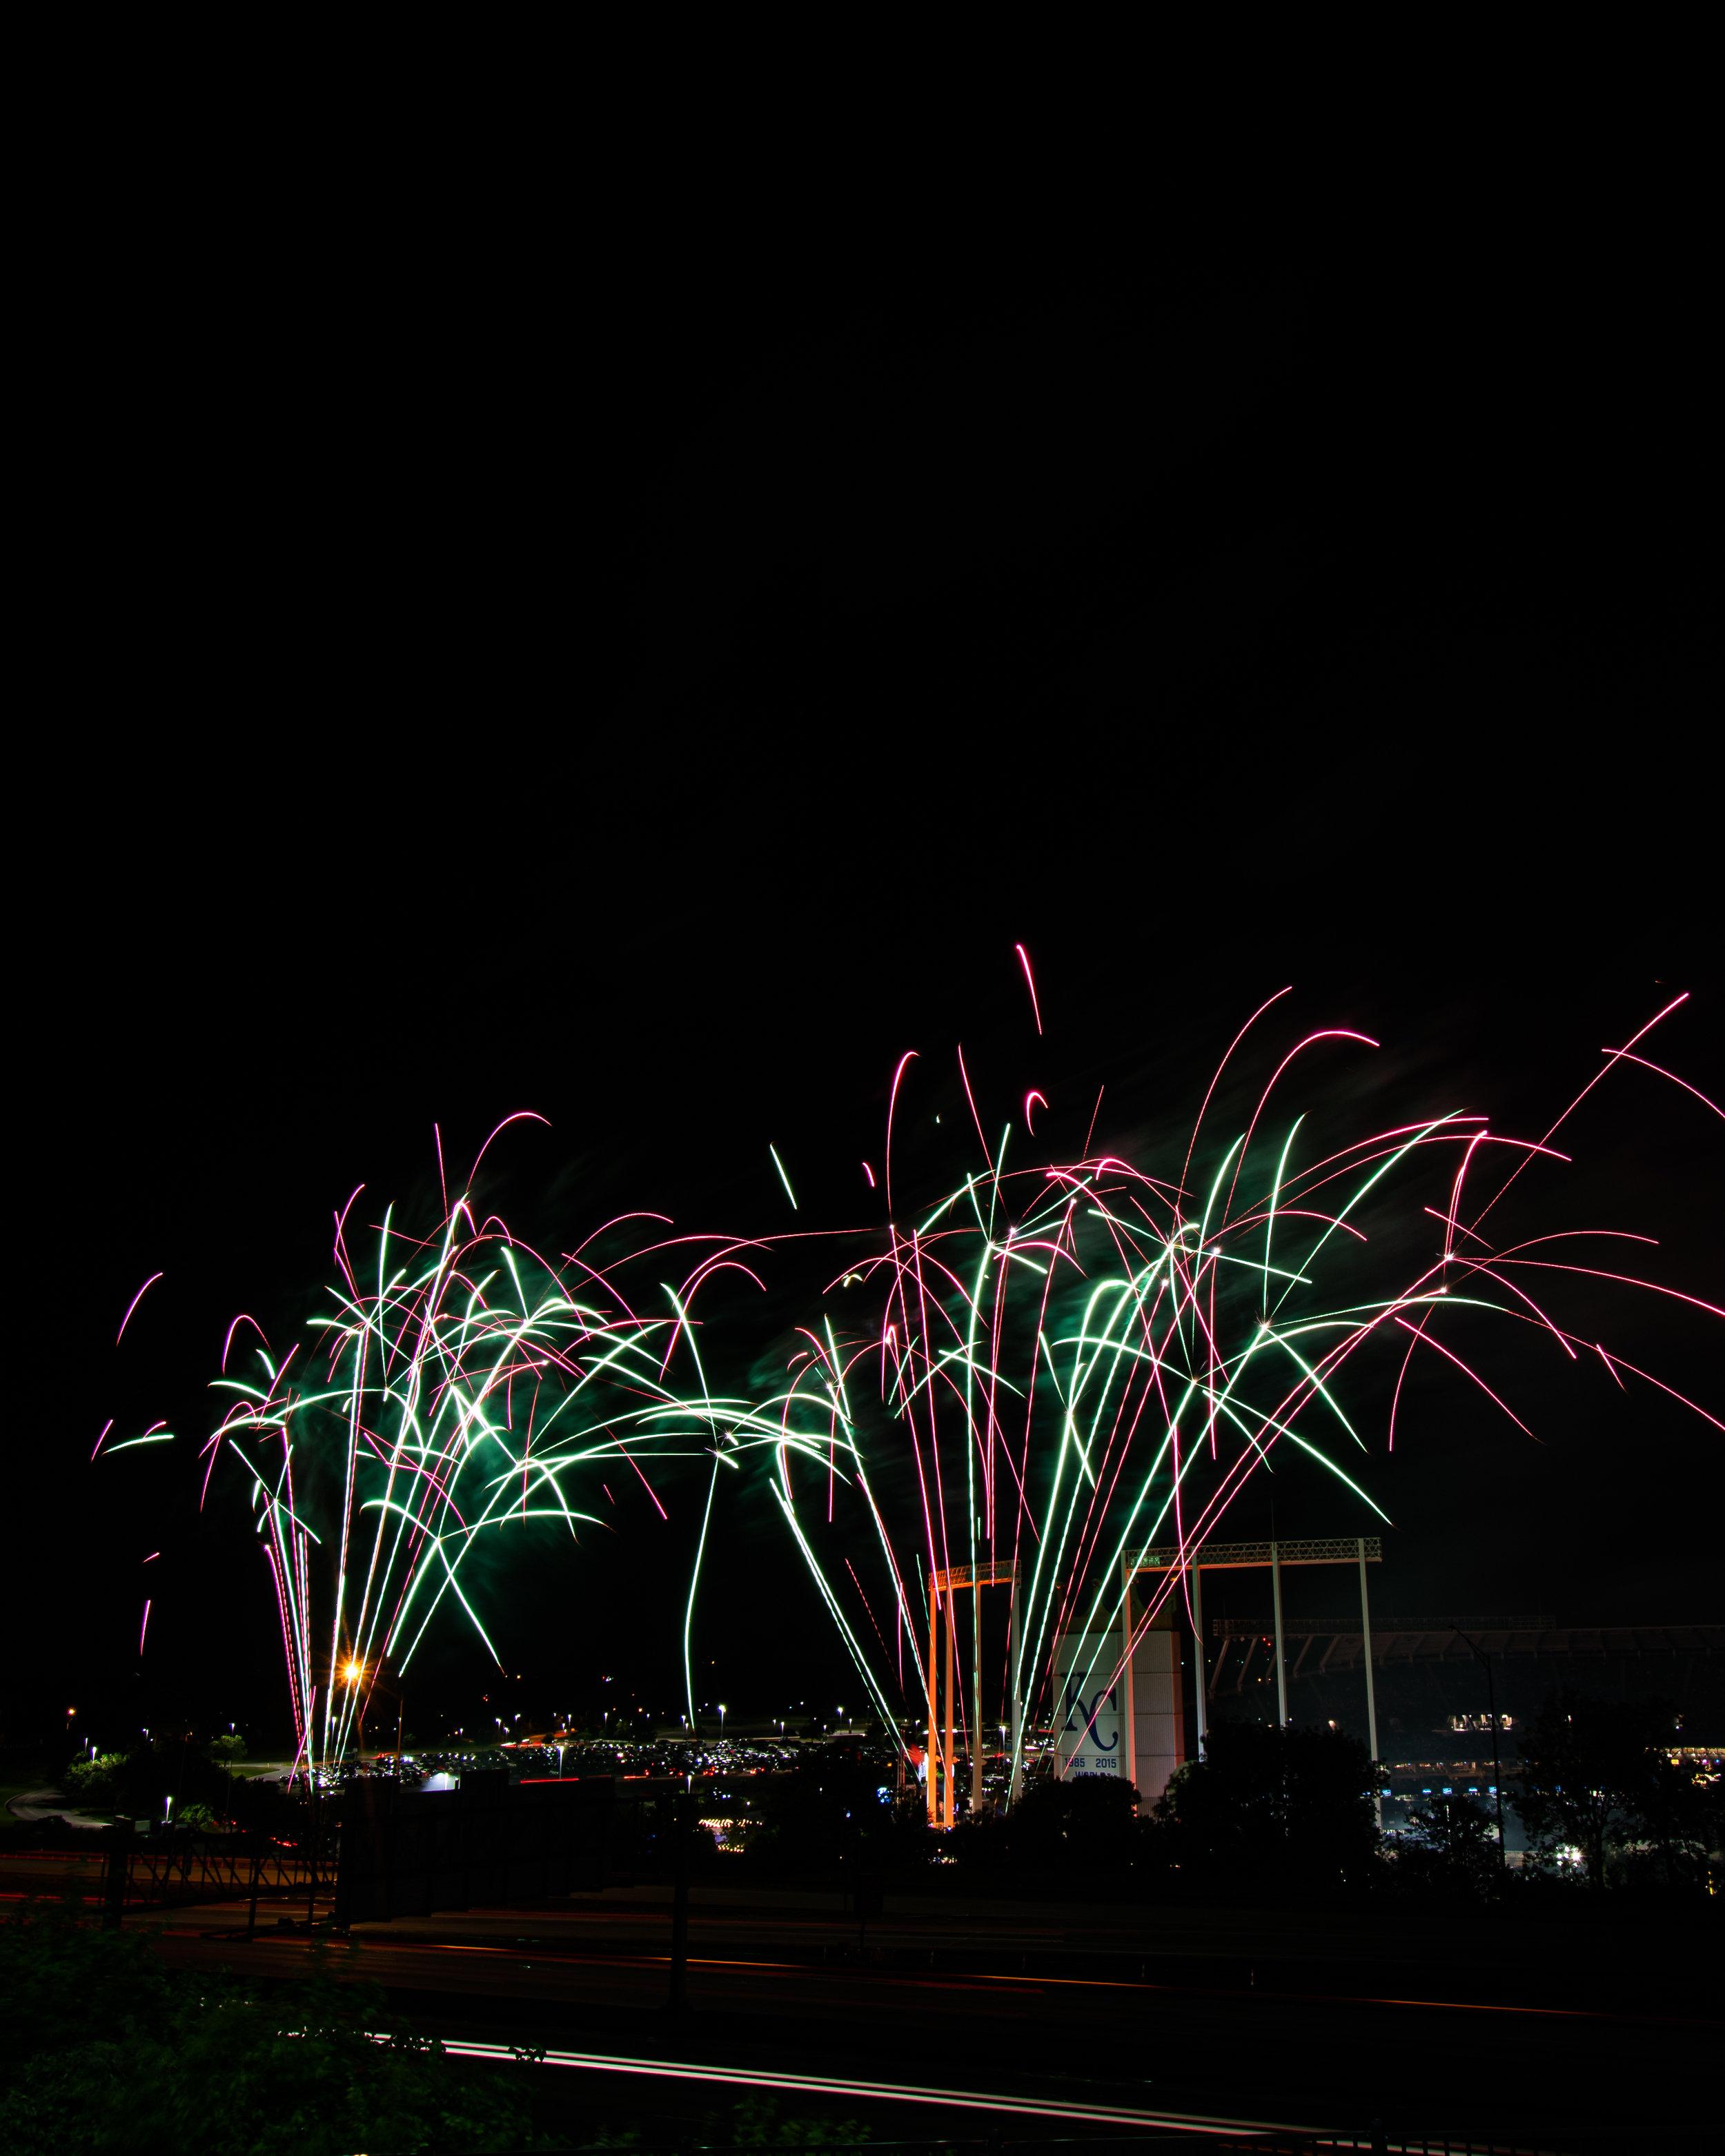 firework-friday-28-of-51_48108322318_o.jpg